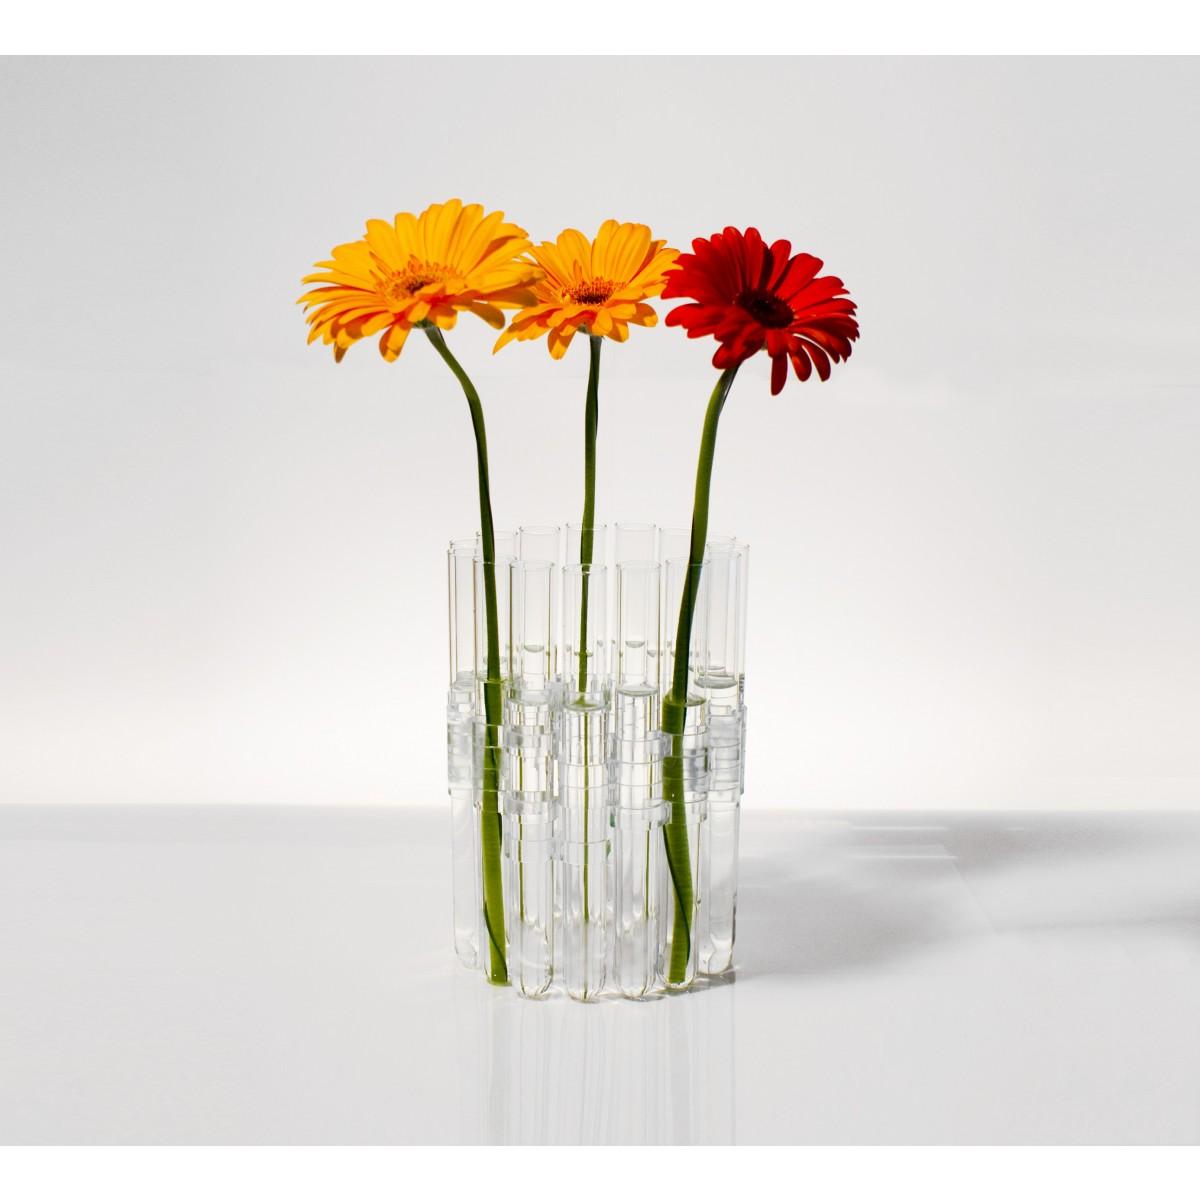 Ambientshop Terrific-Tubes - Vase Wally